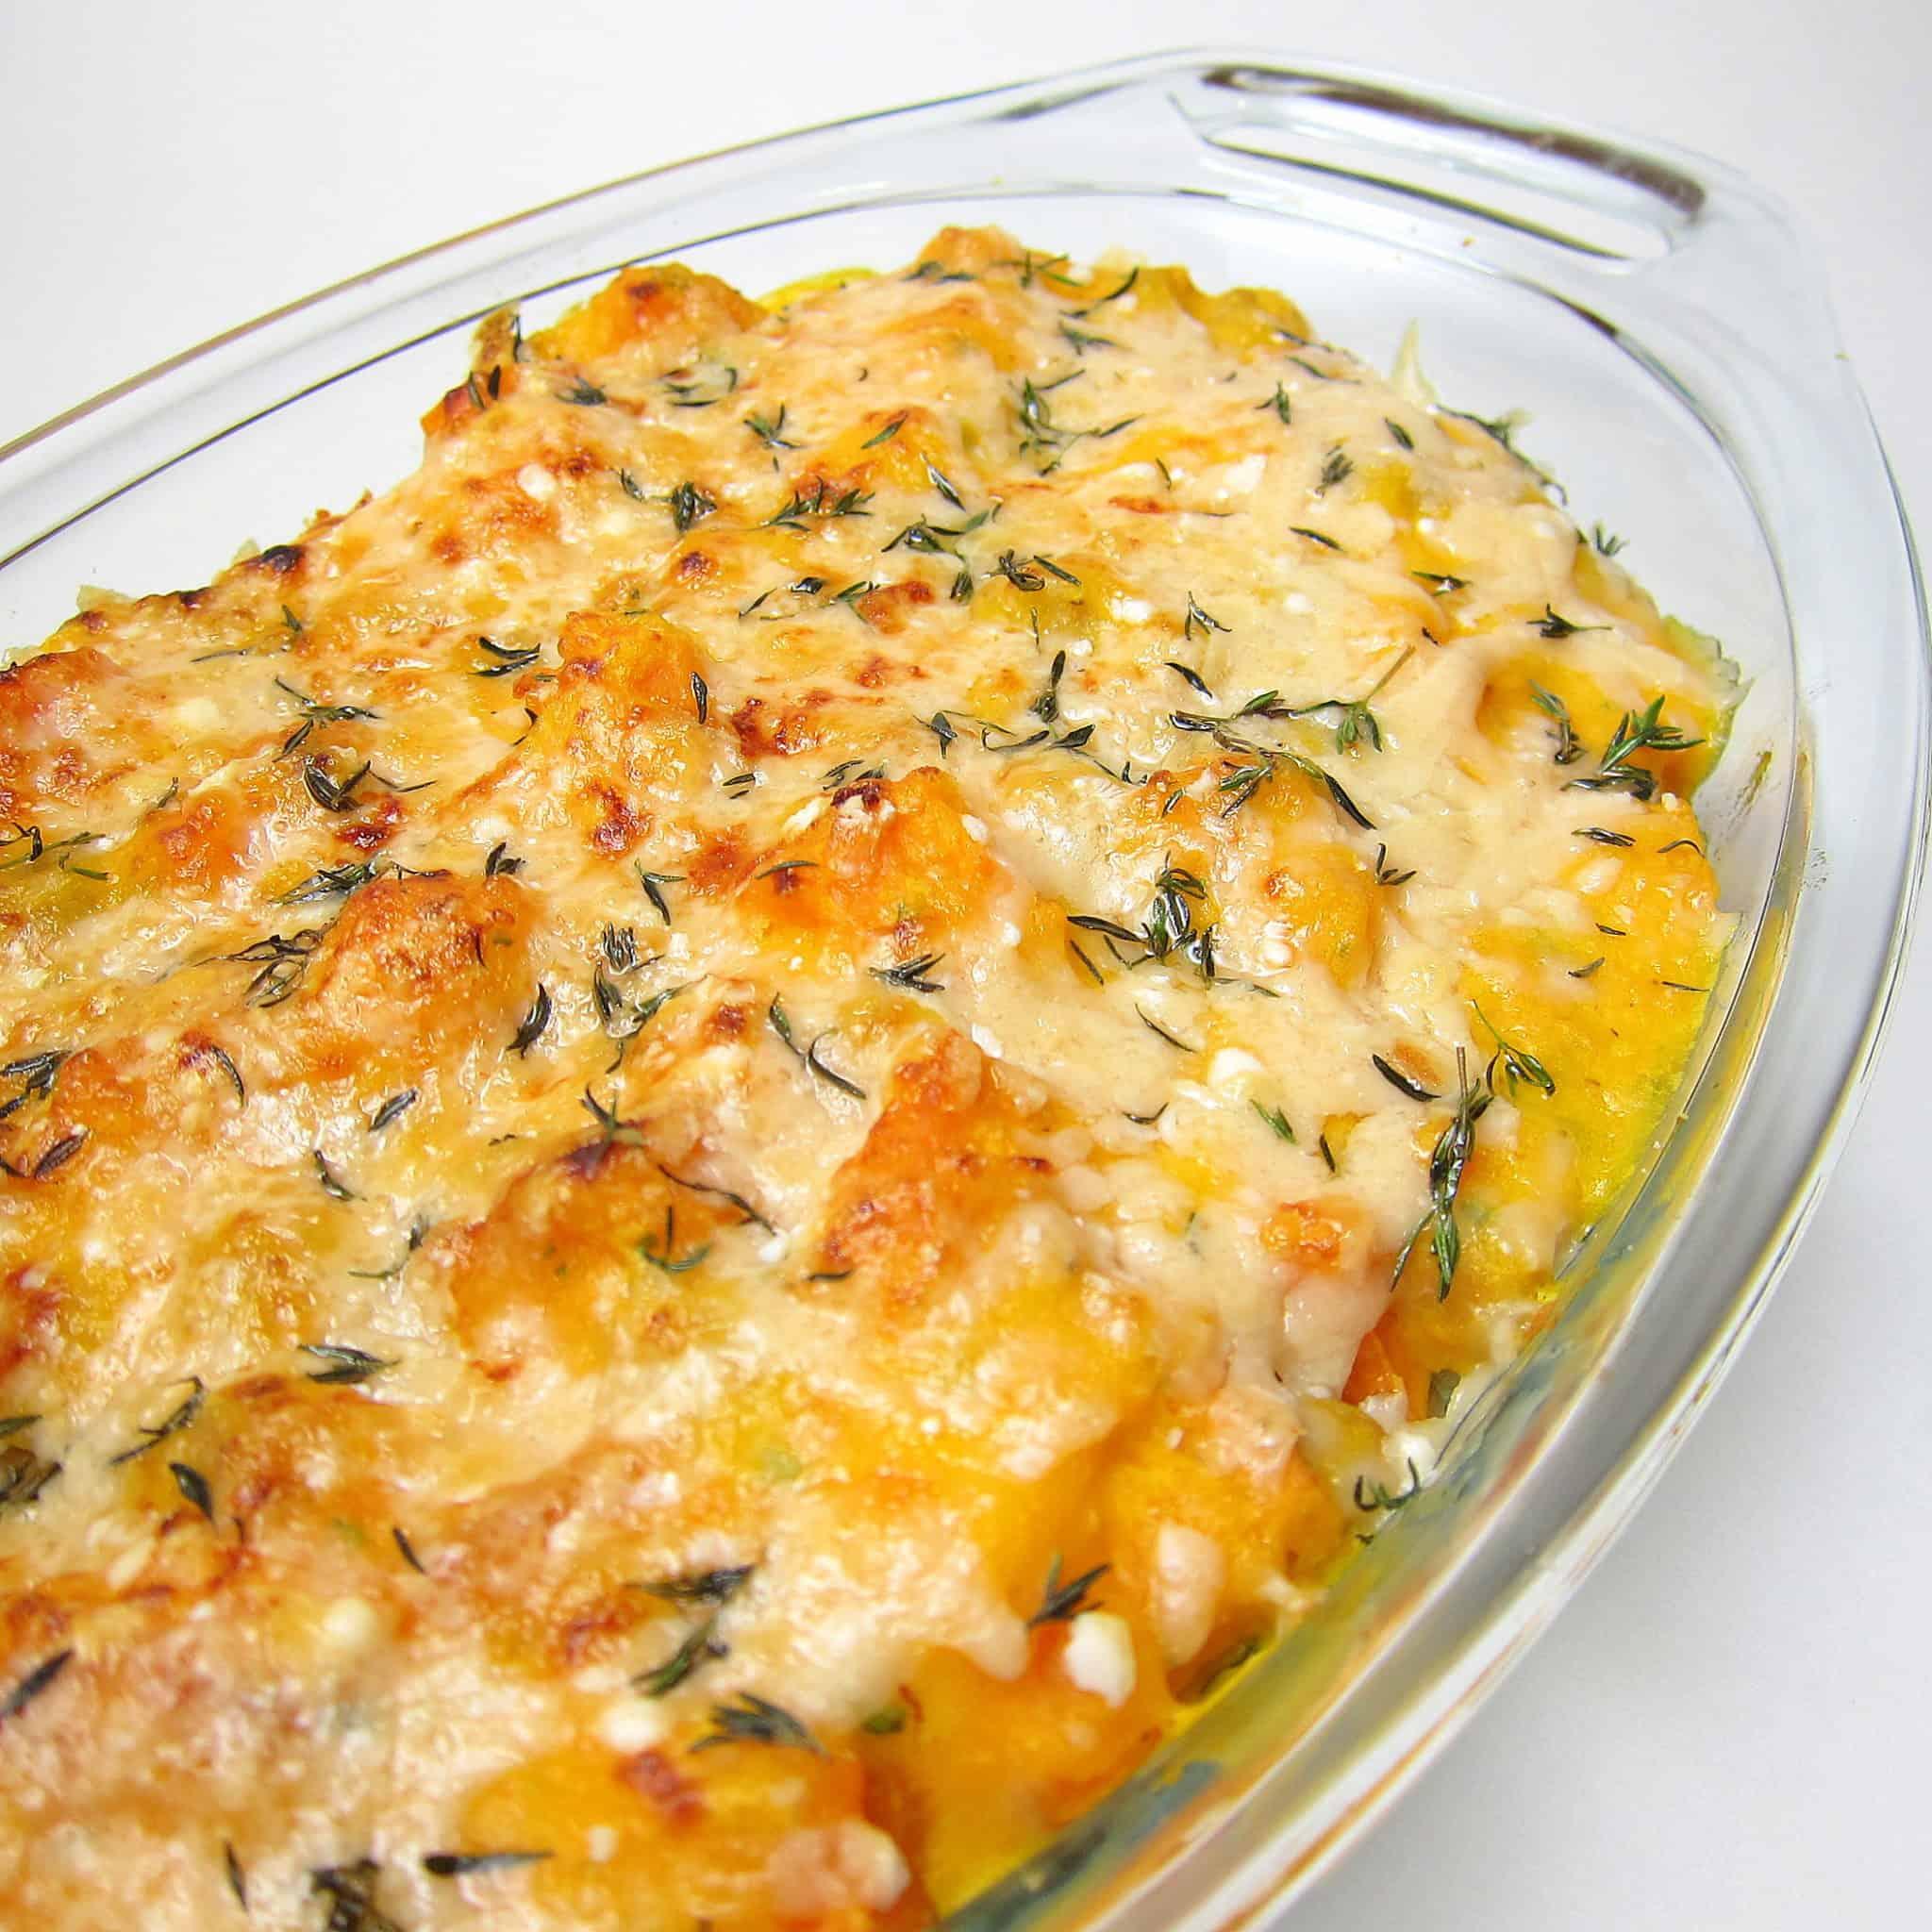 thanksgiving chickpeas casserole | Babaganosh.org